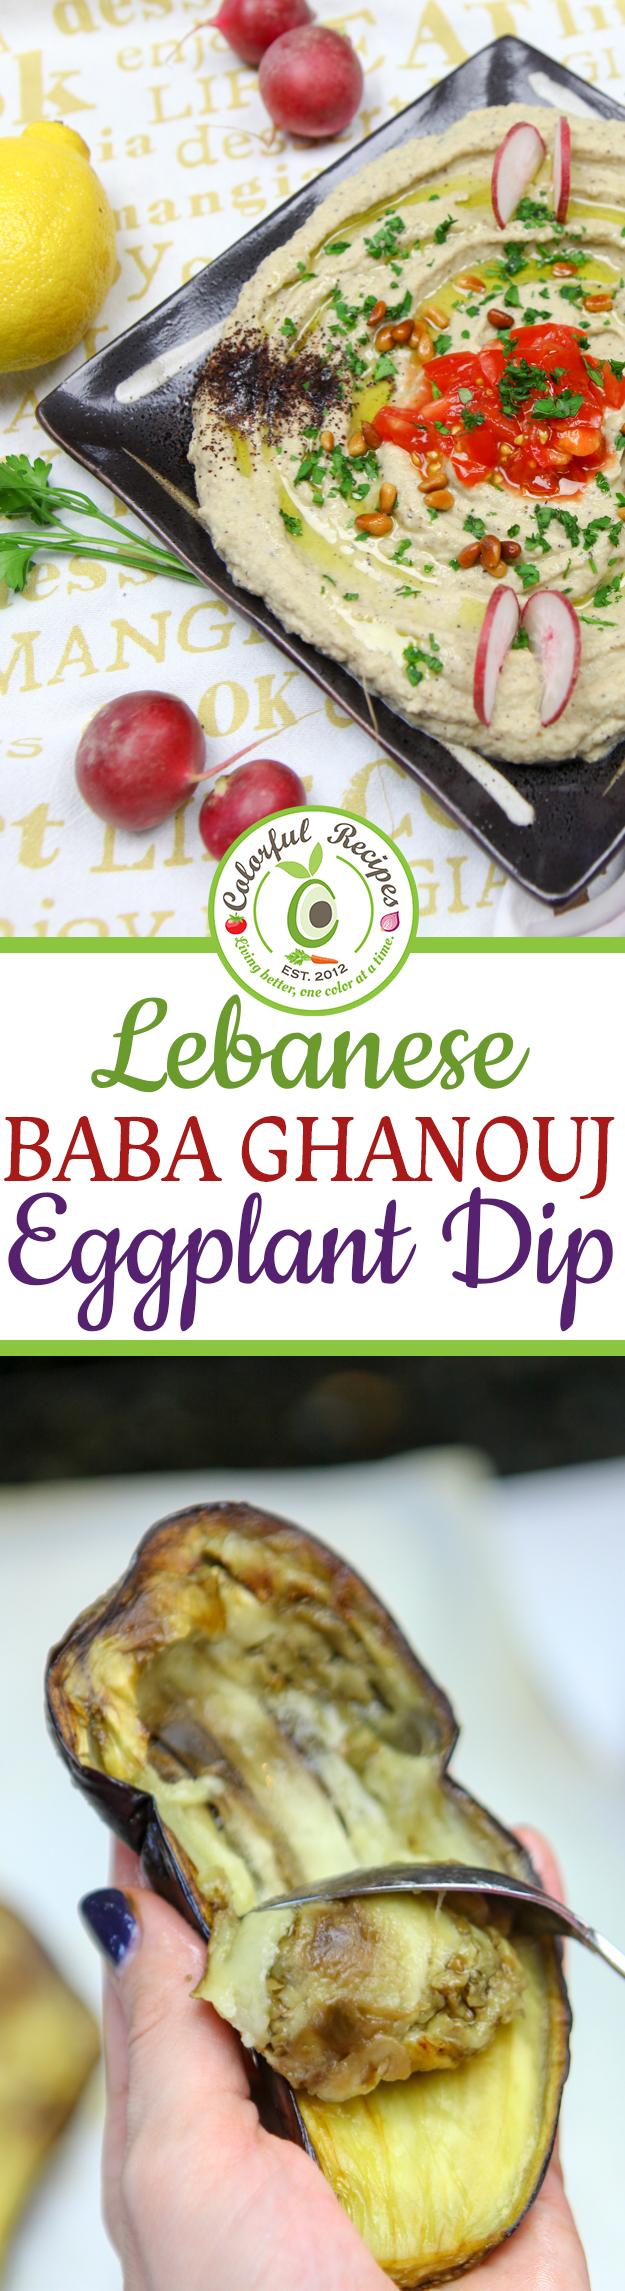 dip slender kitchen eggplant dip baba ghanouj recipe sbs food baba ...